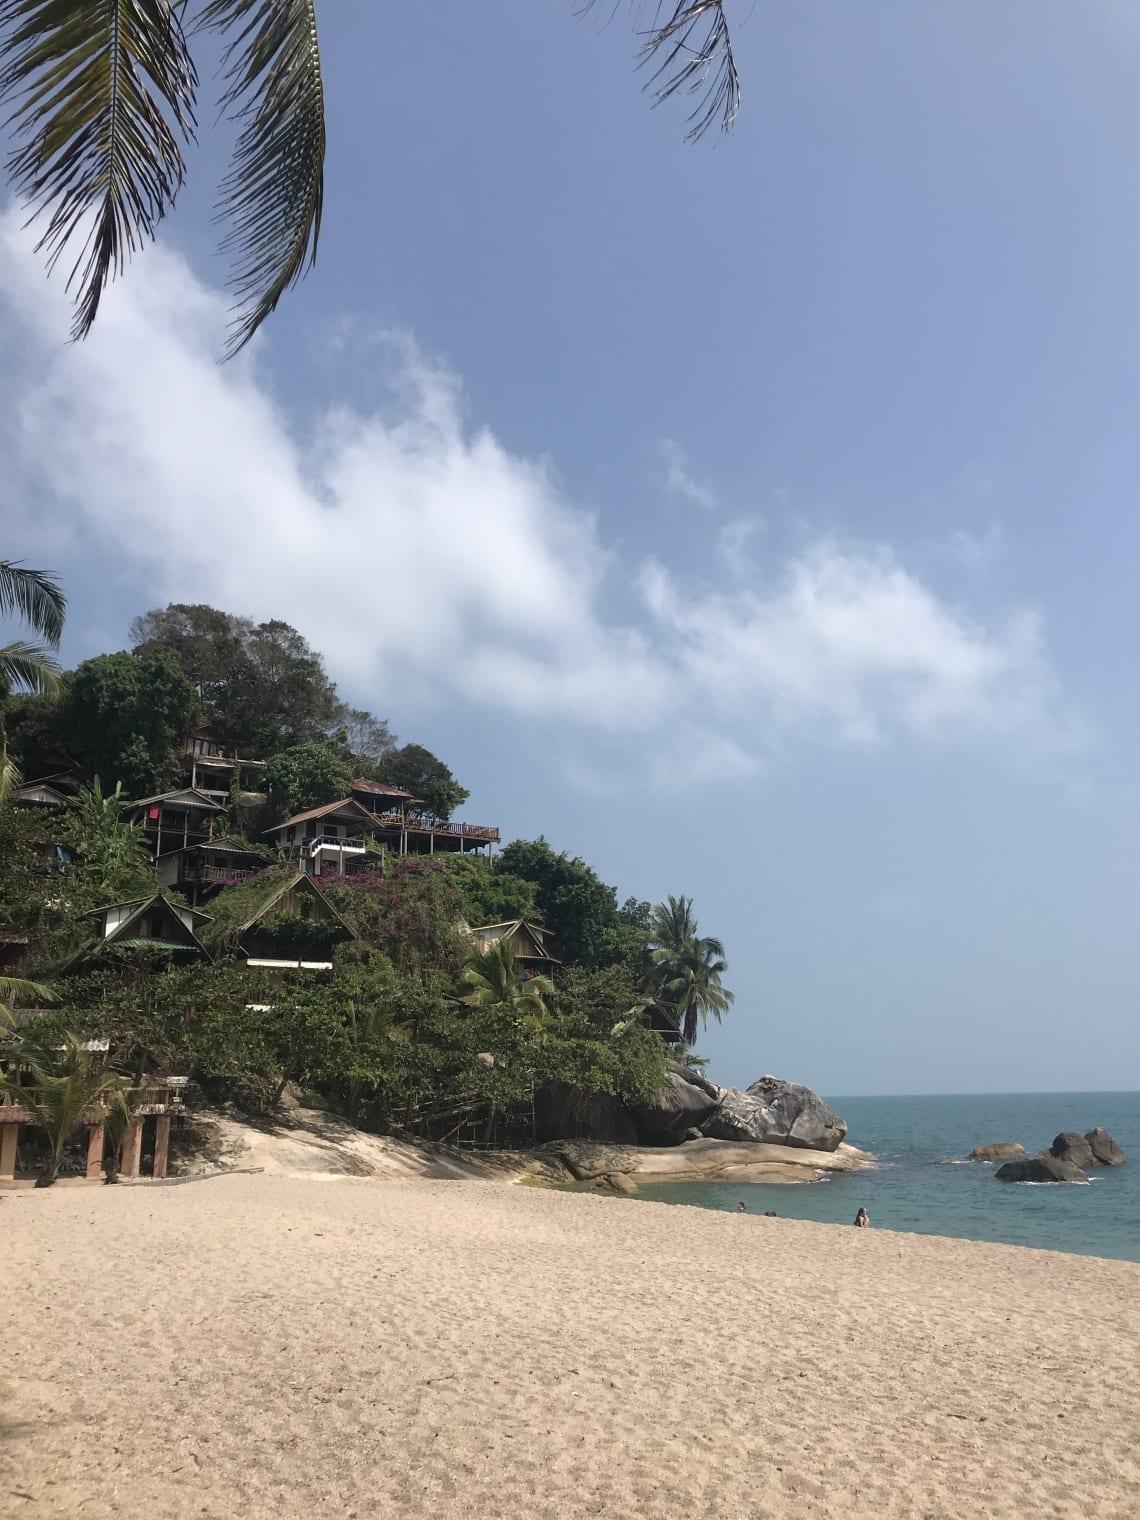 Haad Sadet Beach, Koh Pha-ngan, Thailand